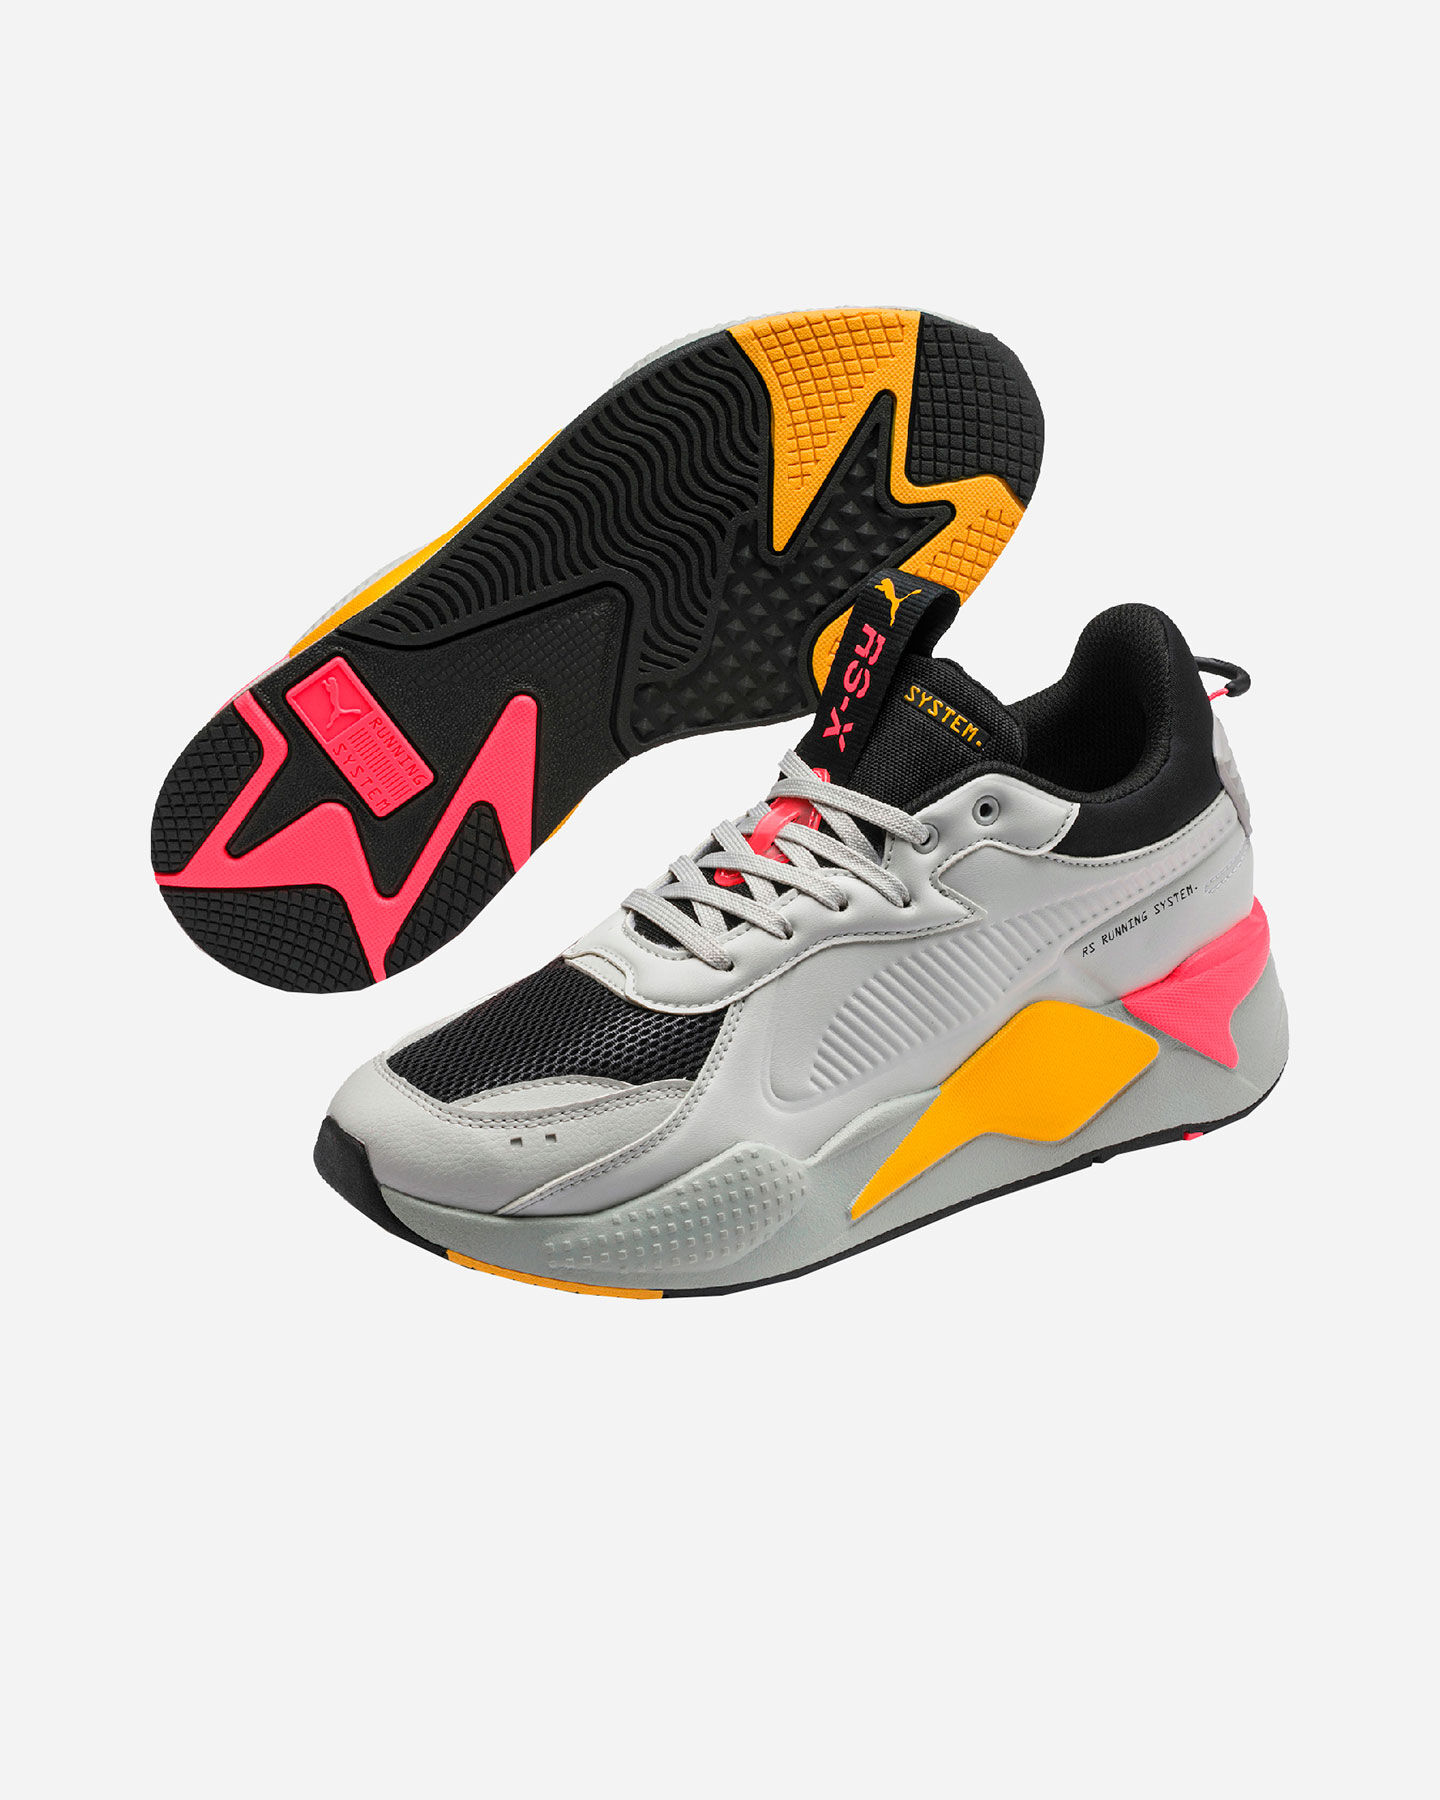 Scarpe sneakers PUMA RS-X MASTER M S5172899 scatto 1